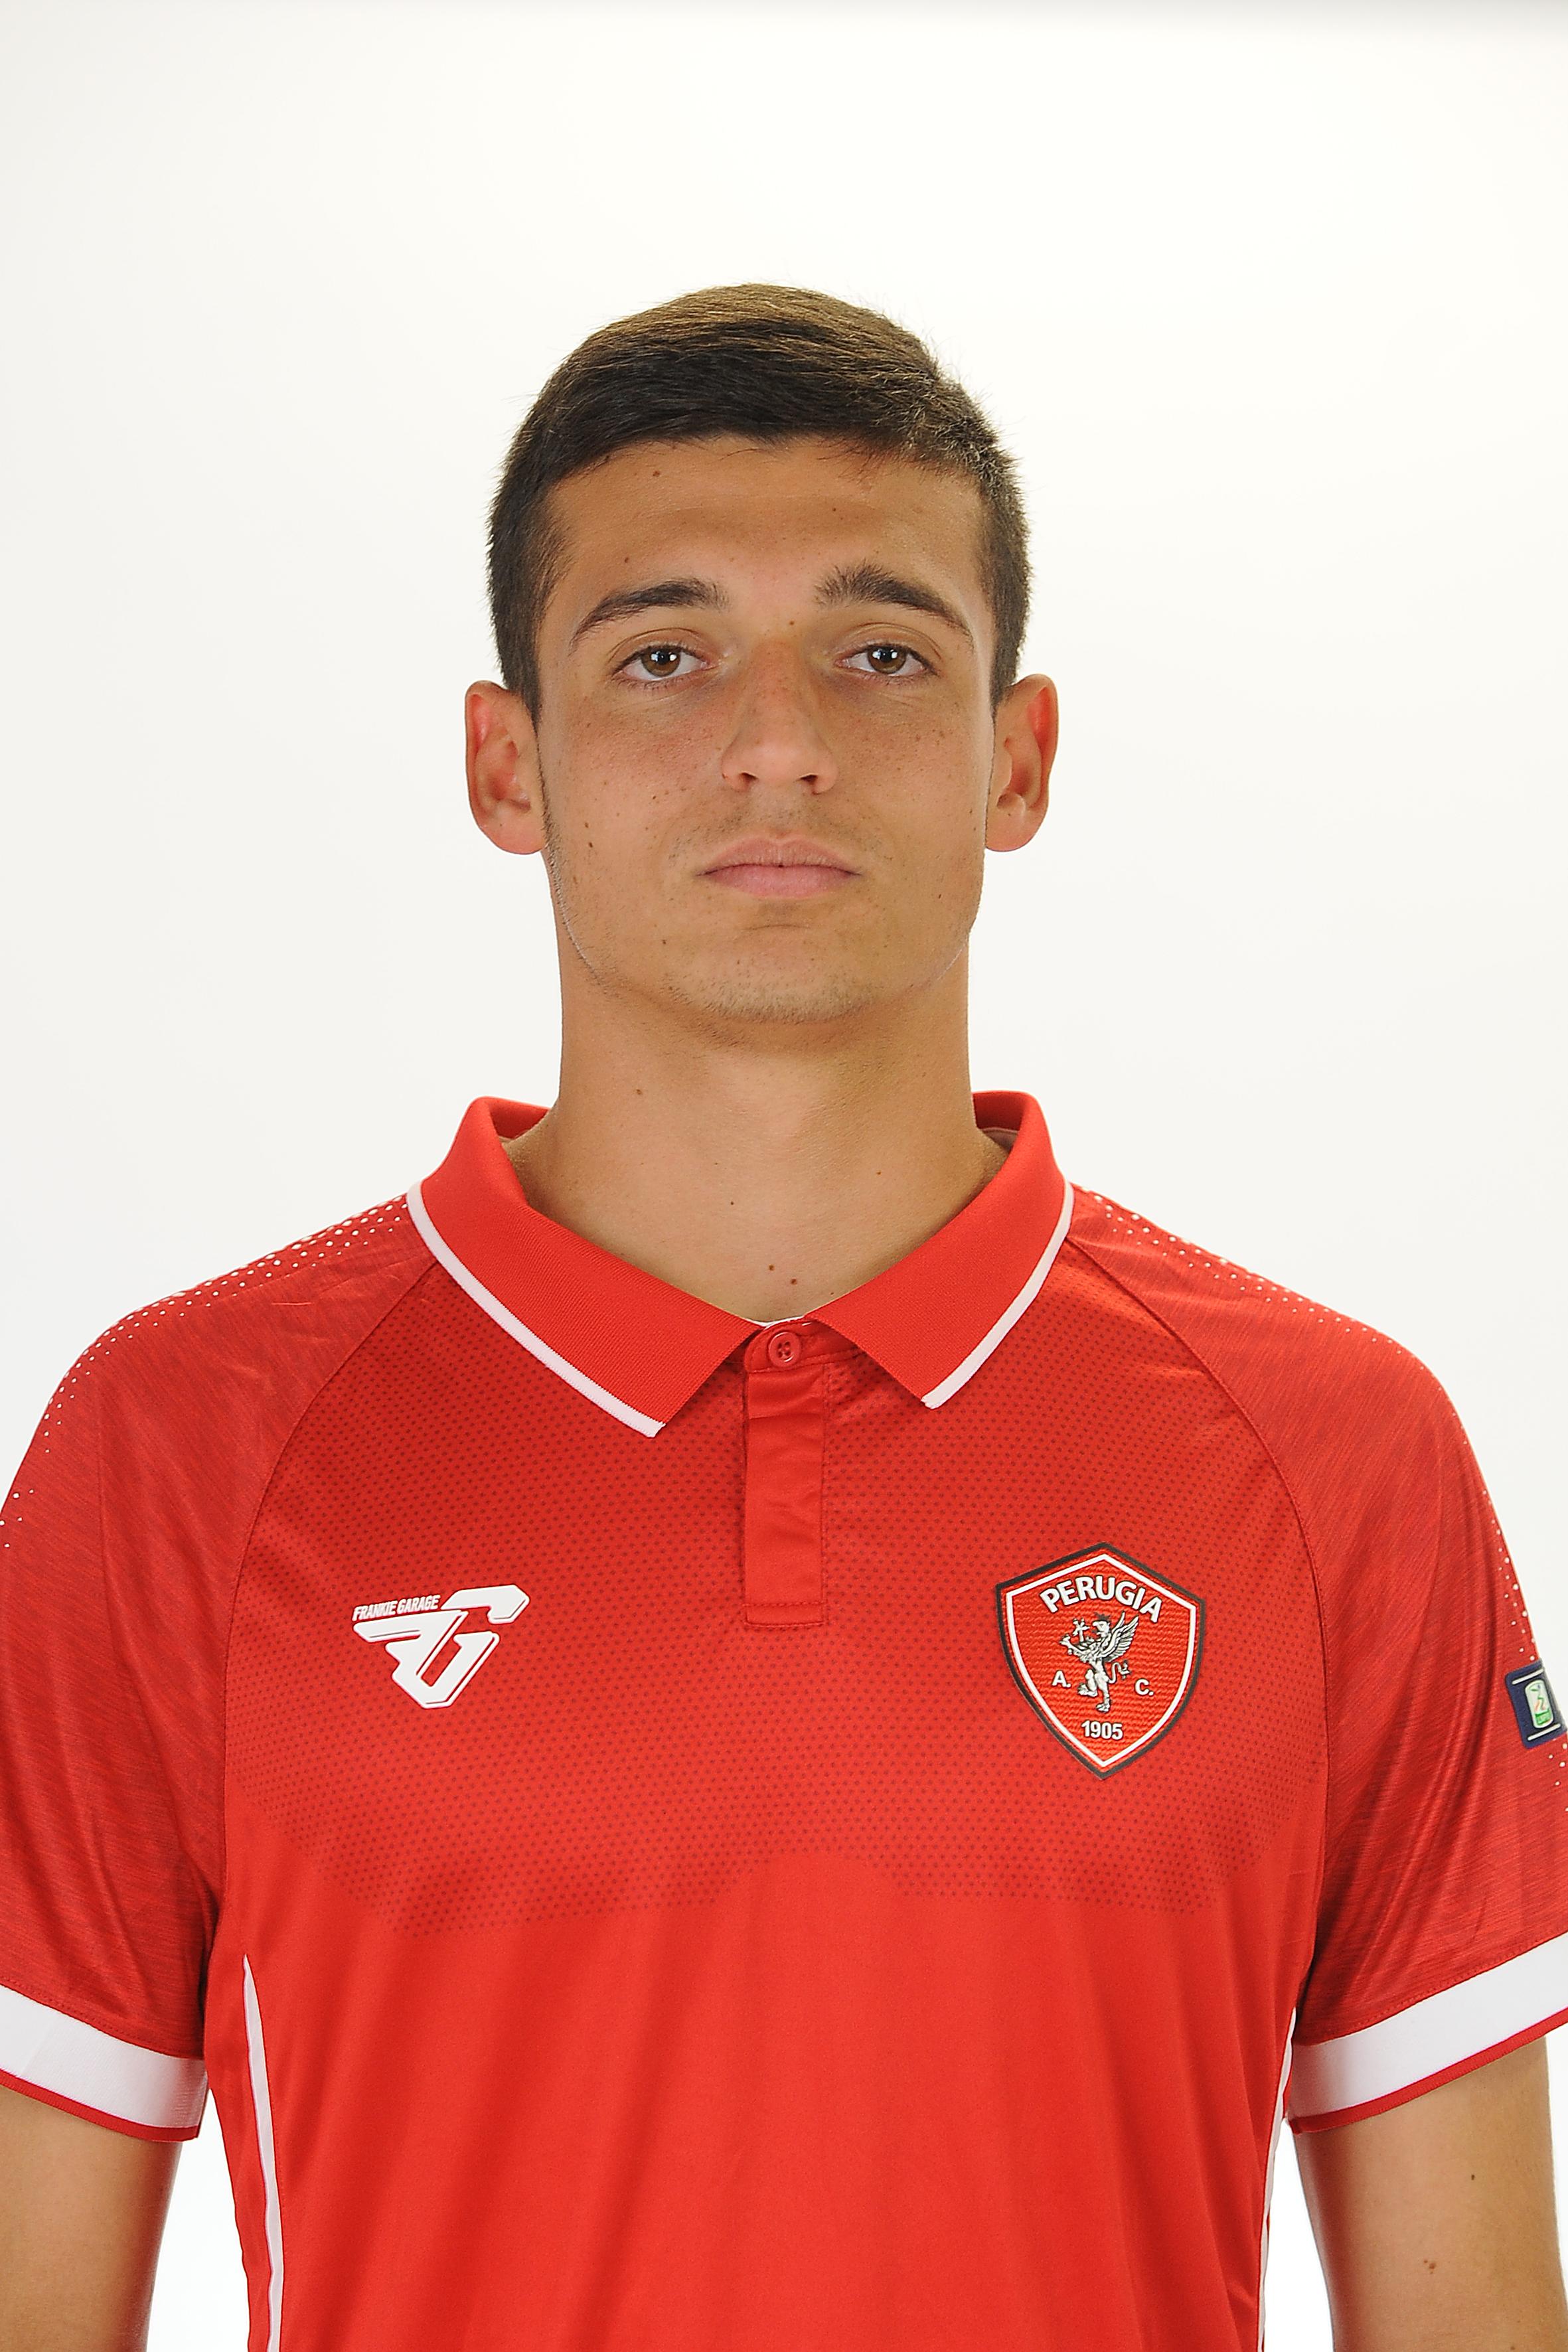 Vincenzo GiordanoDifensore- A.C. Perugia Calcio